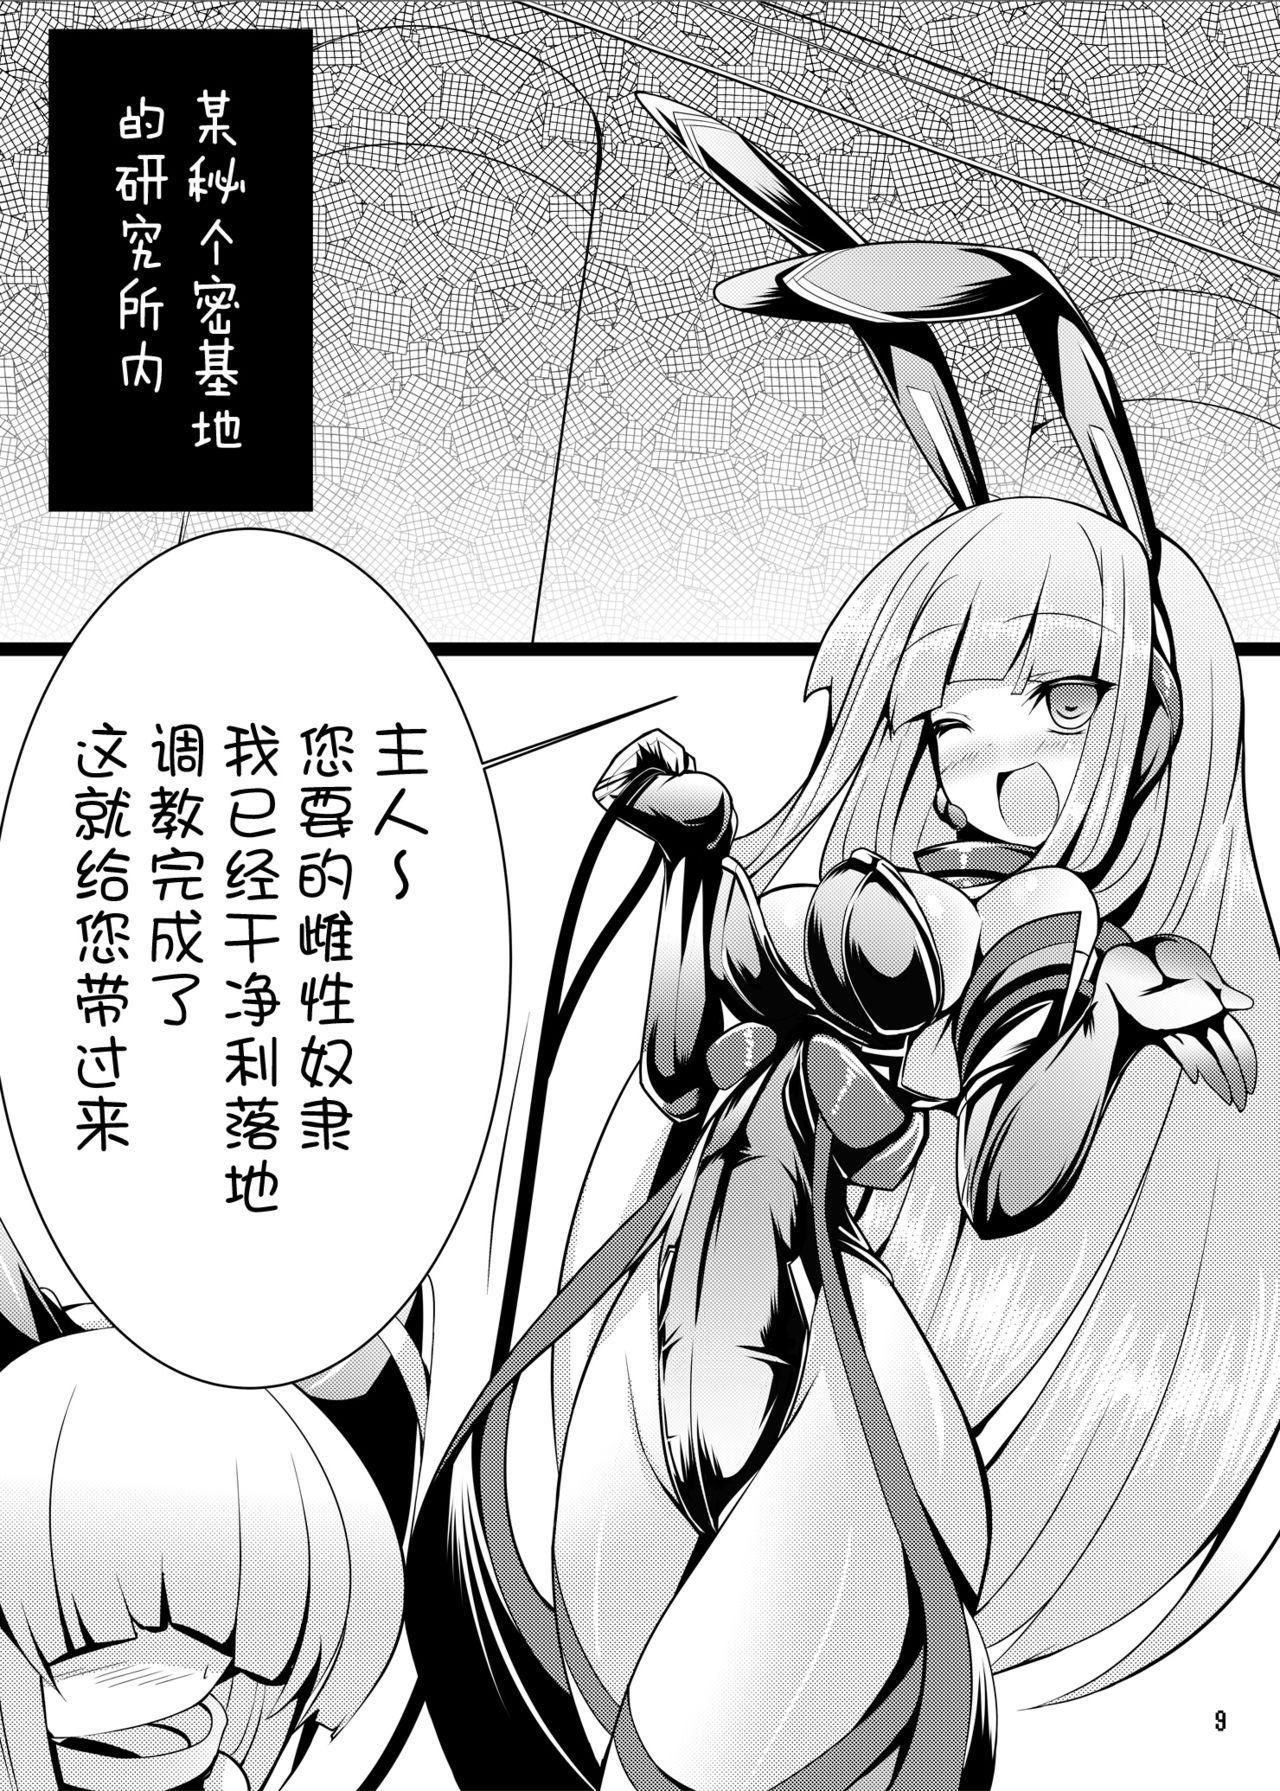 Neko no Eroi Hon 7